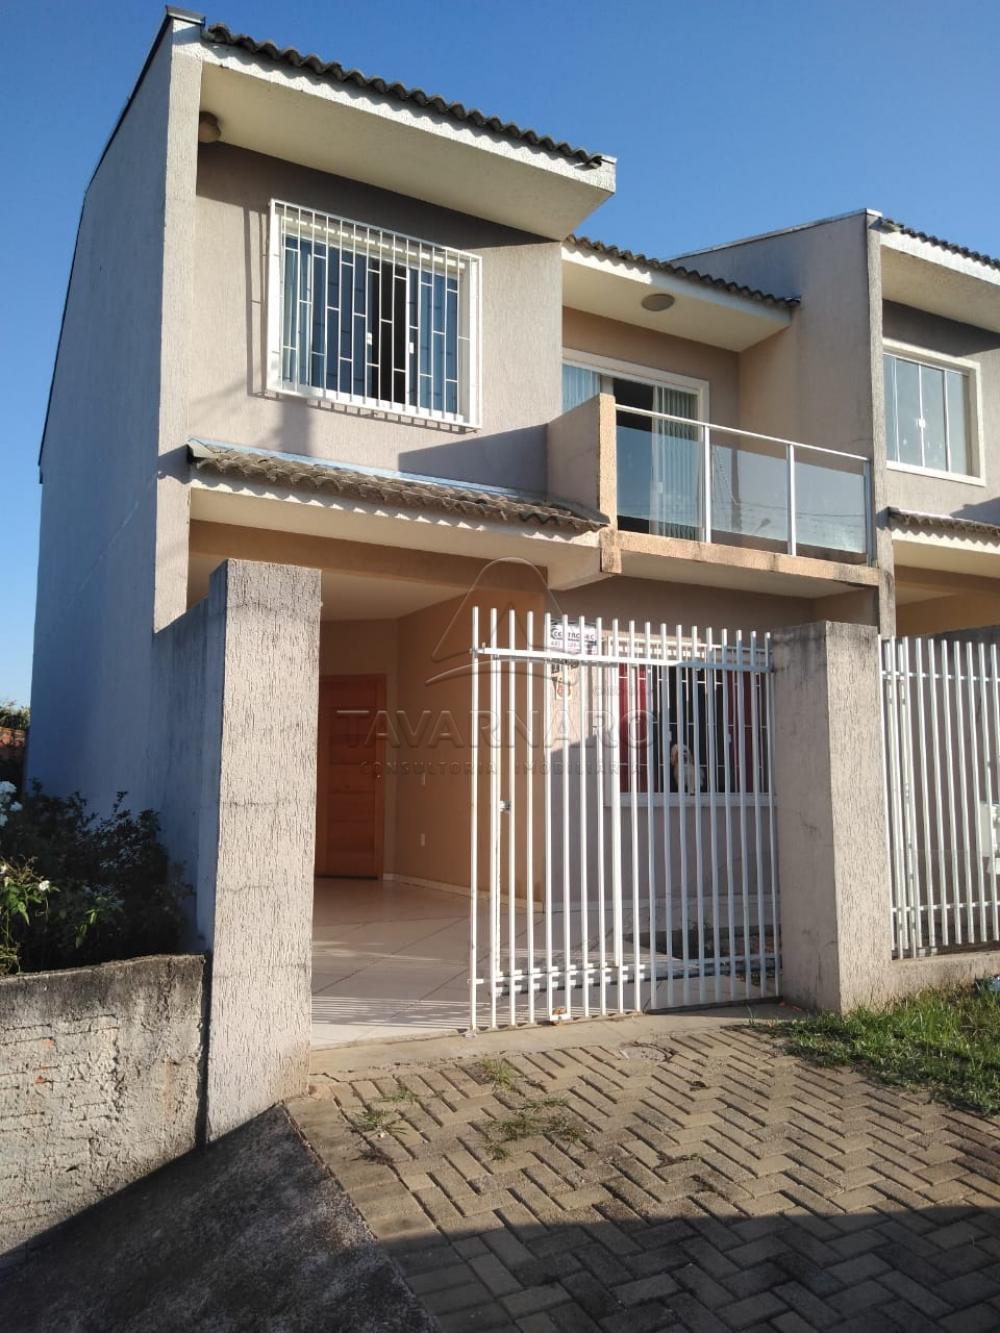 Comprar Casa / Sobrado em Ponta Grossa apenas R$ 300.000,00 - Foto 3